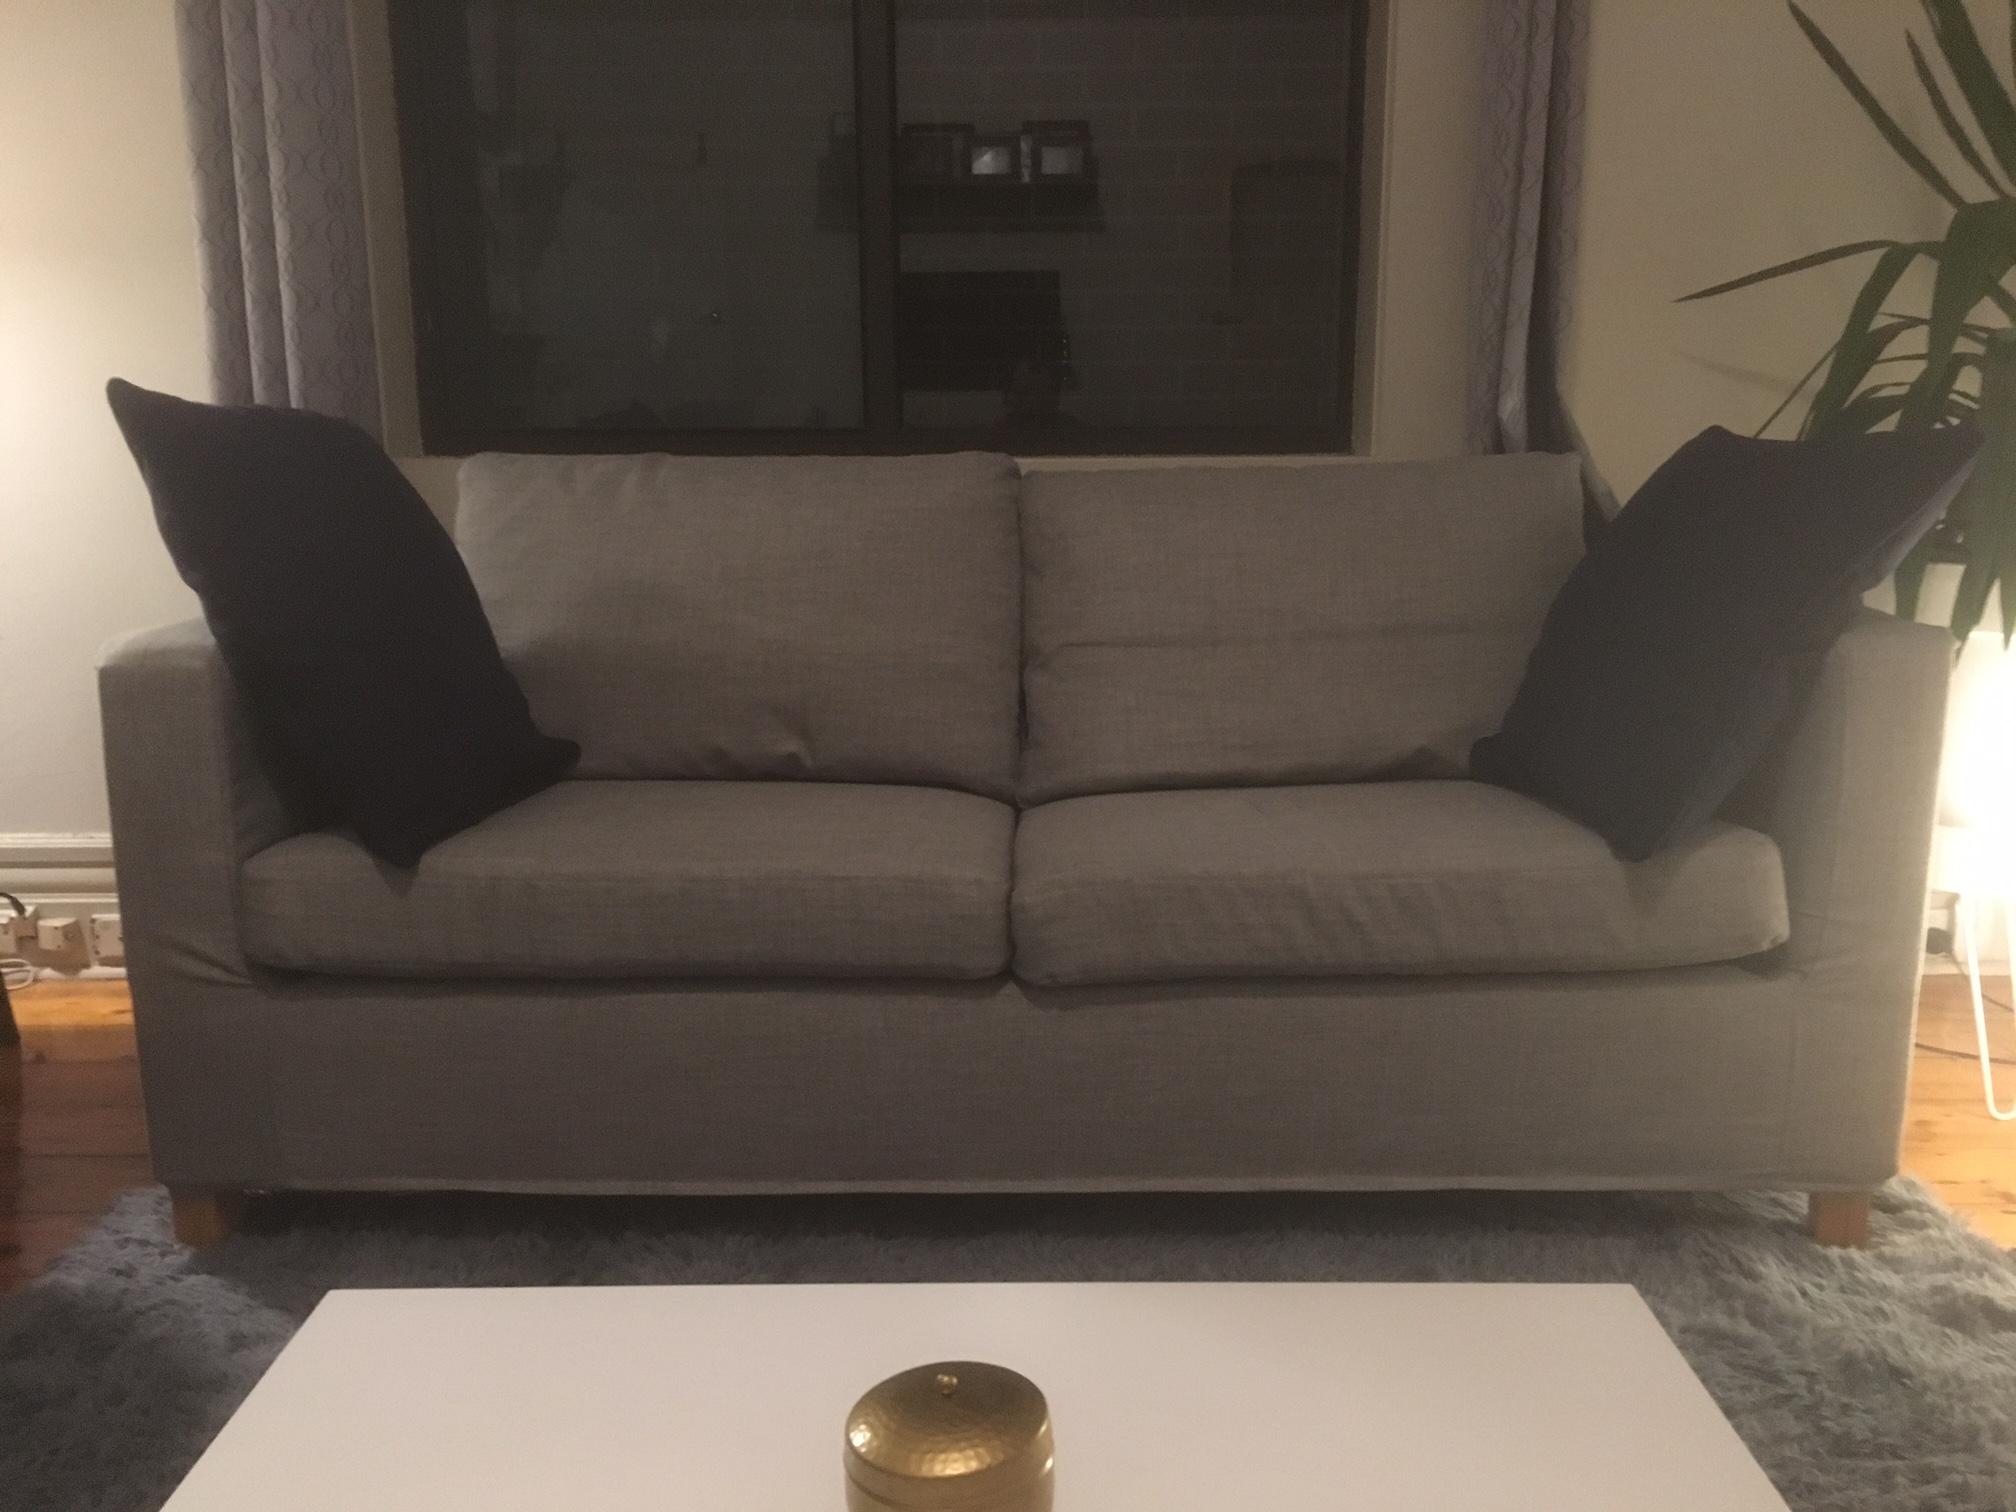 Todo sobre nuestras fundas para sof s ikea descatalogados blog comfort works inspiraci n y - Ikea fundas de sofas ...